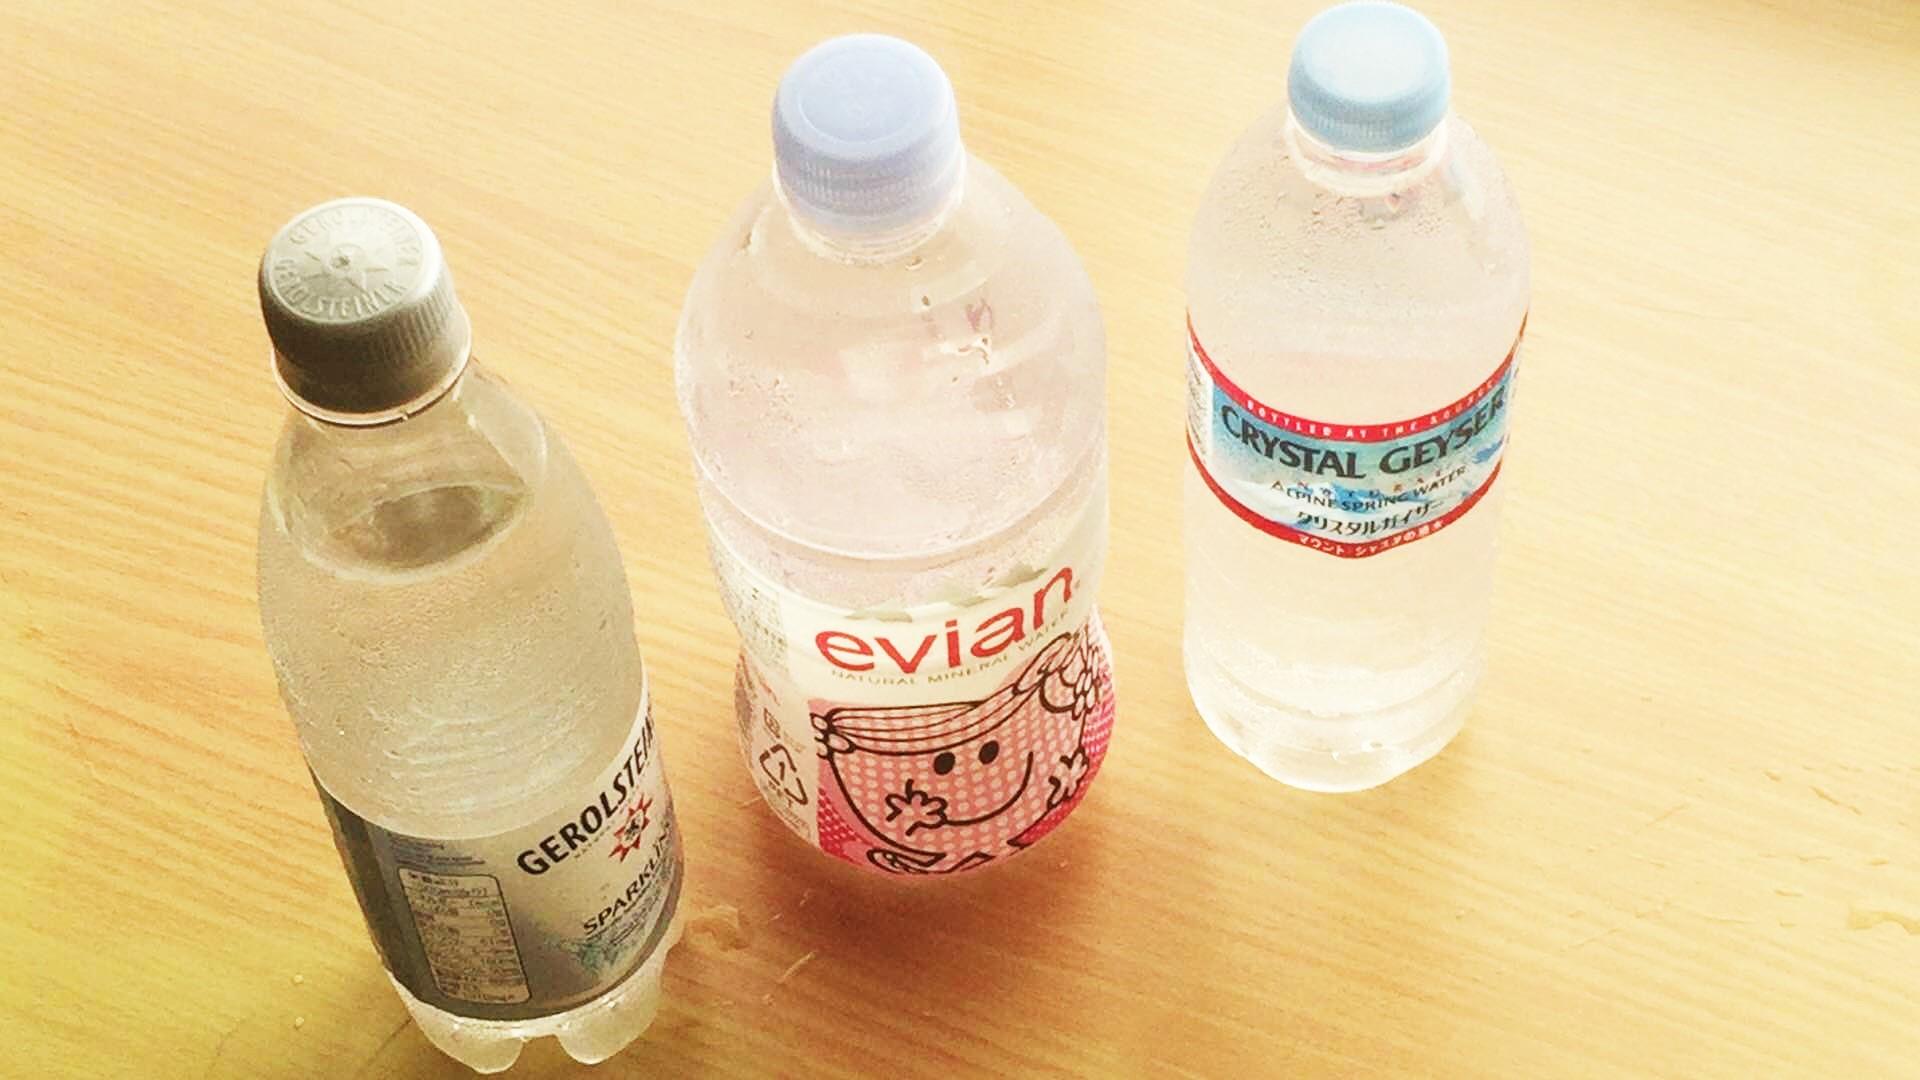 ミネラルウォーター3種類を飲み比べてみた【硬水・中硬水・軟水】